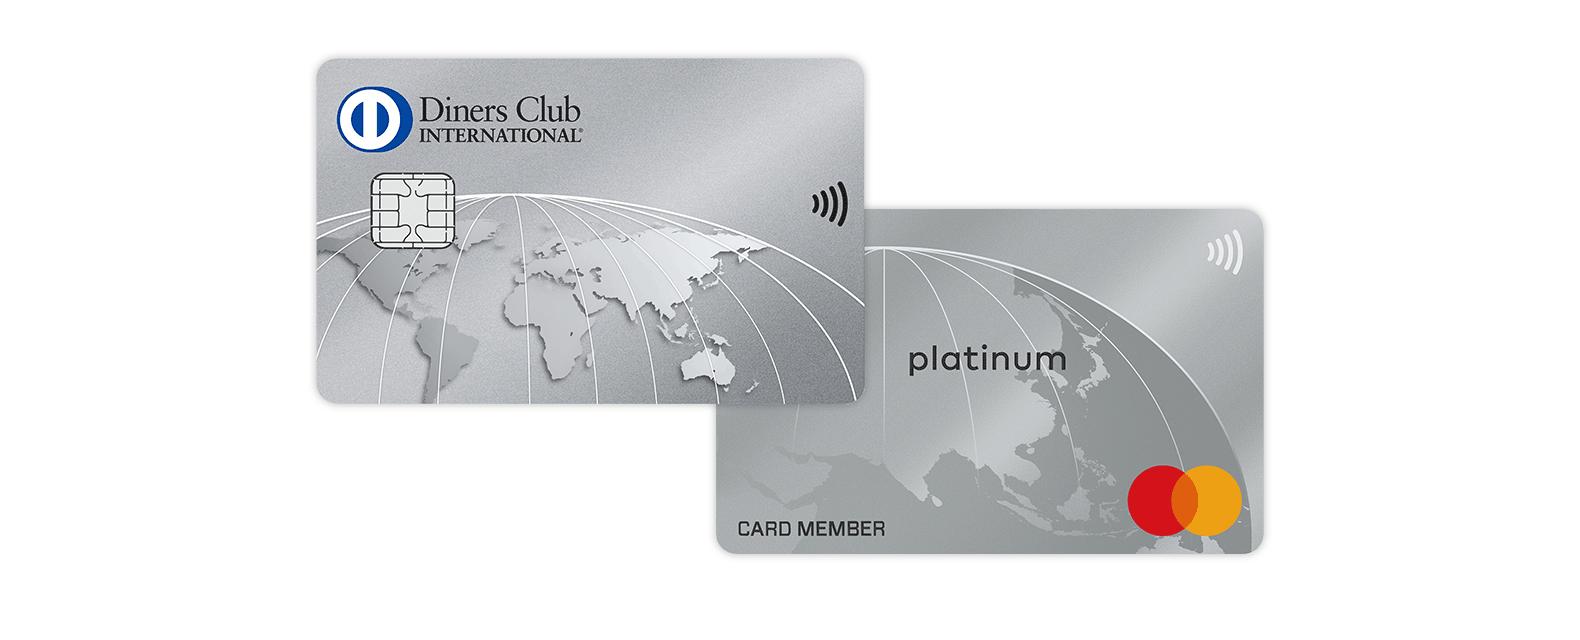 本会員はもちろん、家族会員も無料で追加発行できる「コンパニオンカード」のイメージ